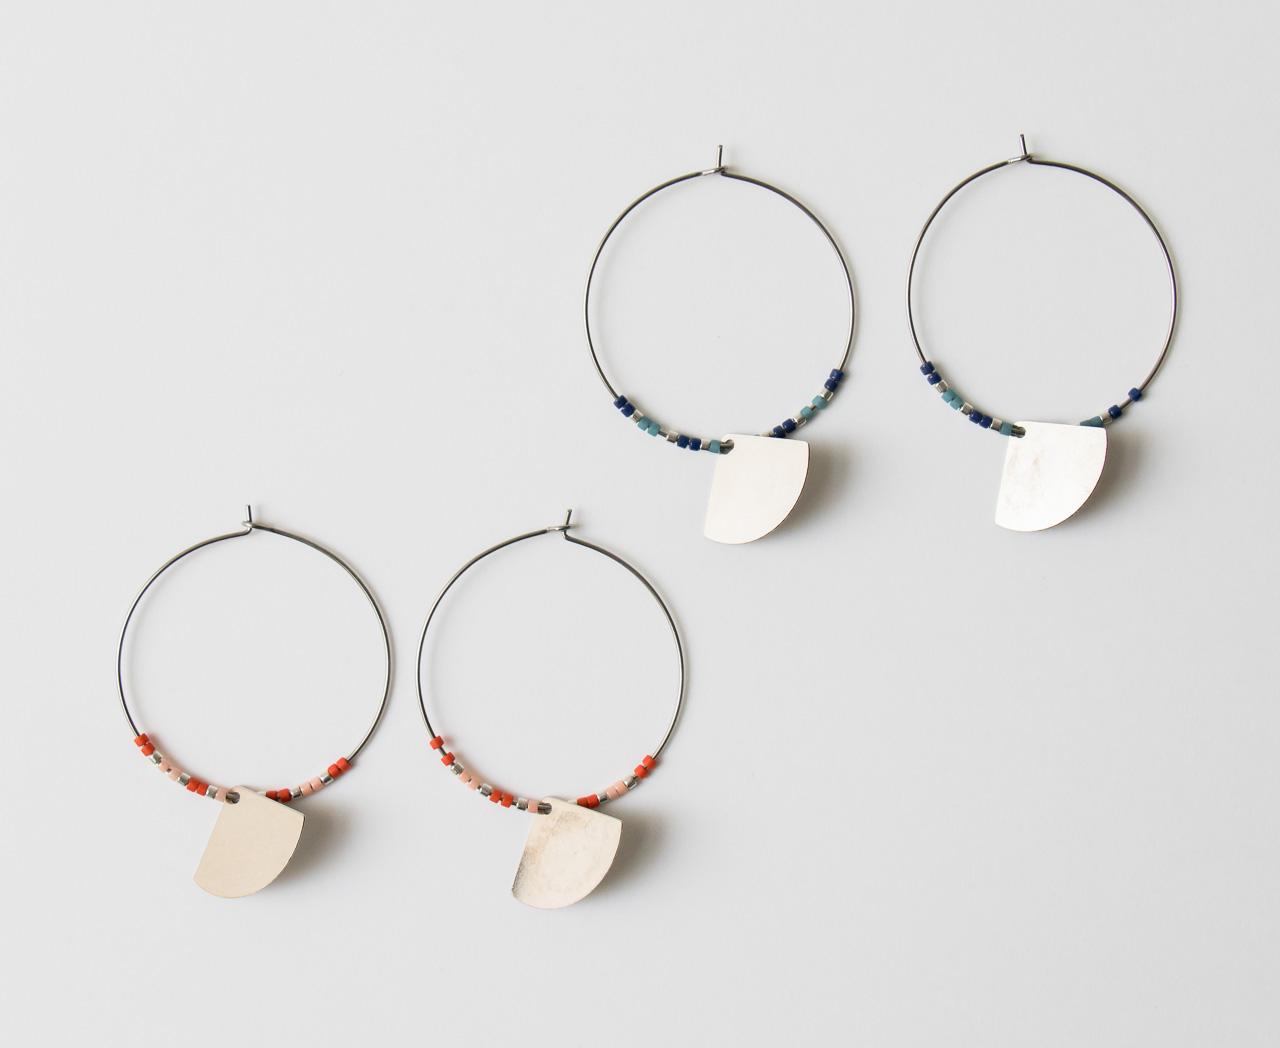 Boucles d'oreilles Éventail #2 collection Maison Mathûvû